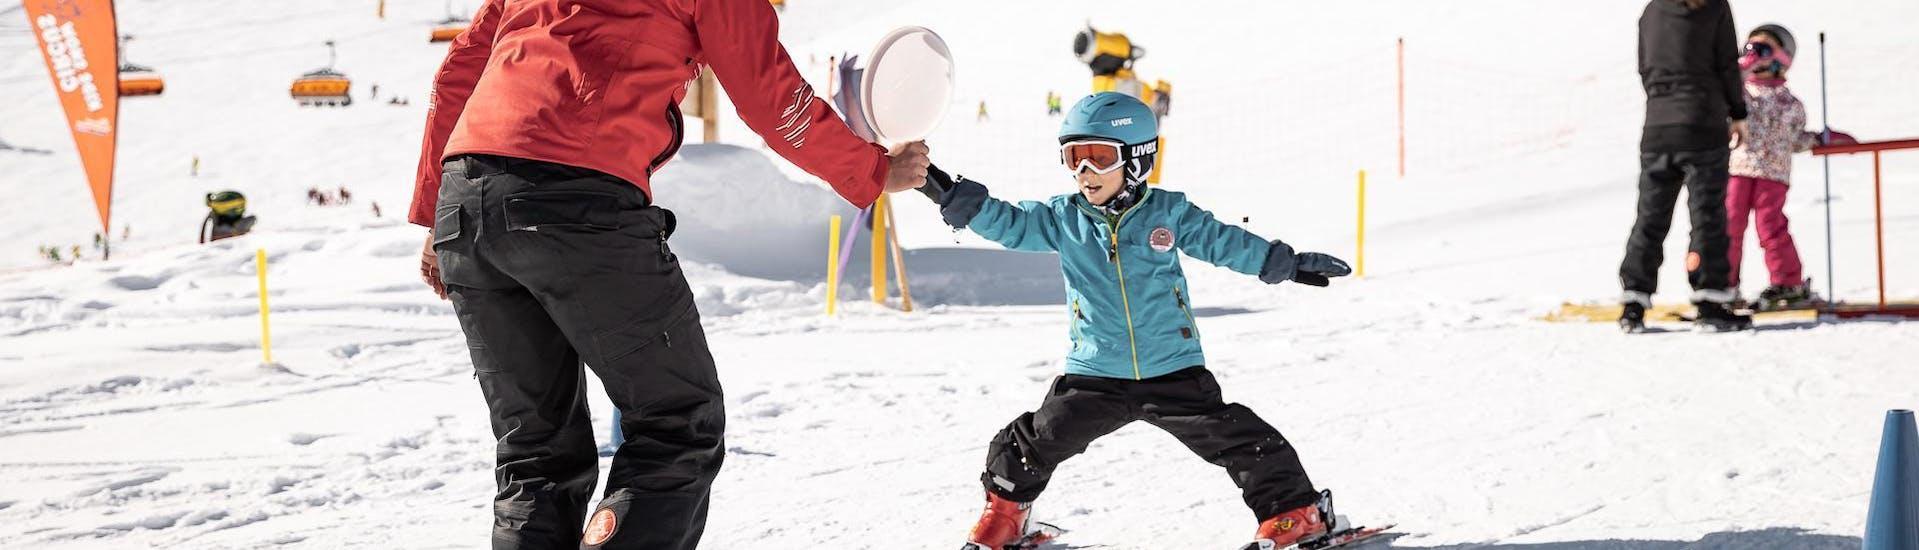 Ein kleines Kind meistert beim Kinder Skikurs (3-4 Jahre) für Anfänger seine ersten Schritte auf den Skiern mit einer erfahrenen Skilehrerin der Ski- & Snowboardschule Vacancia.